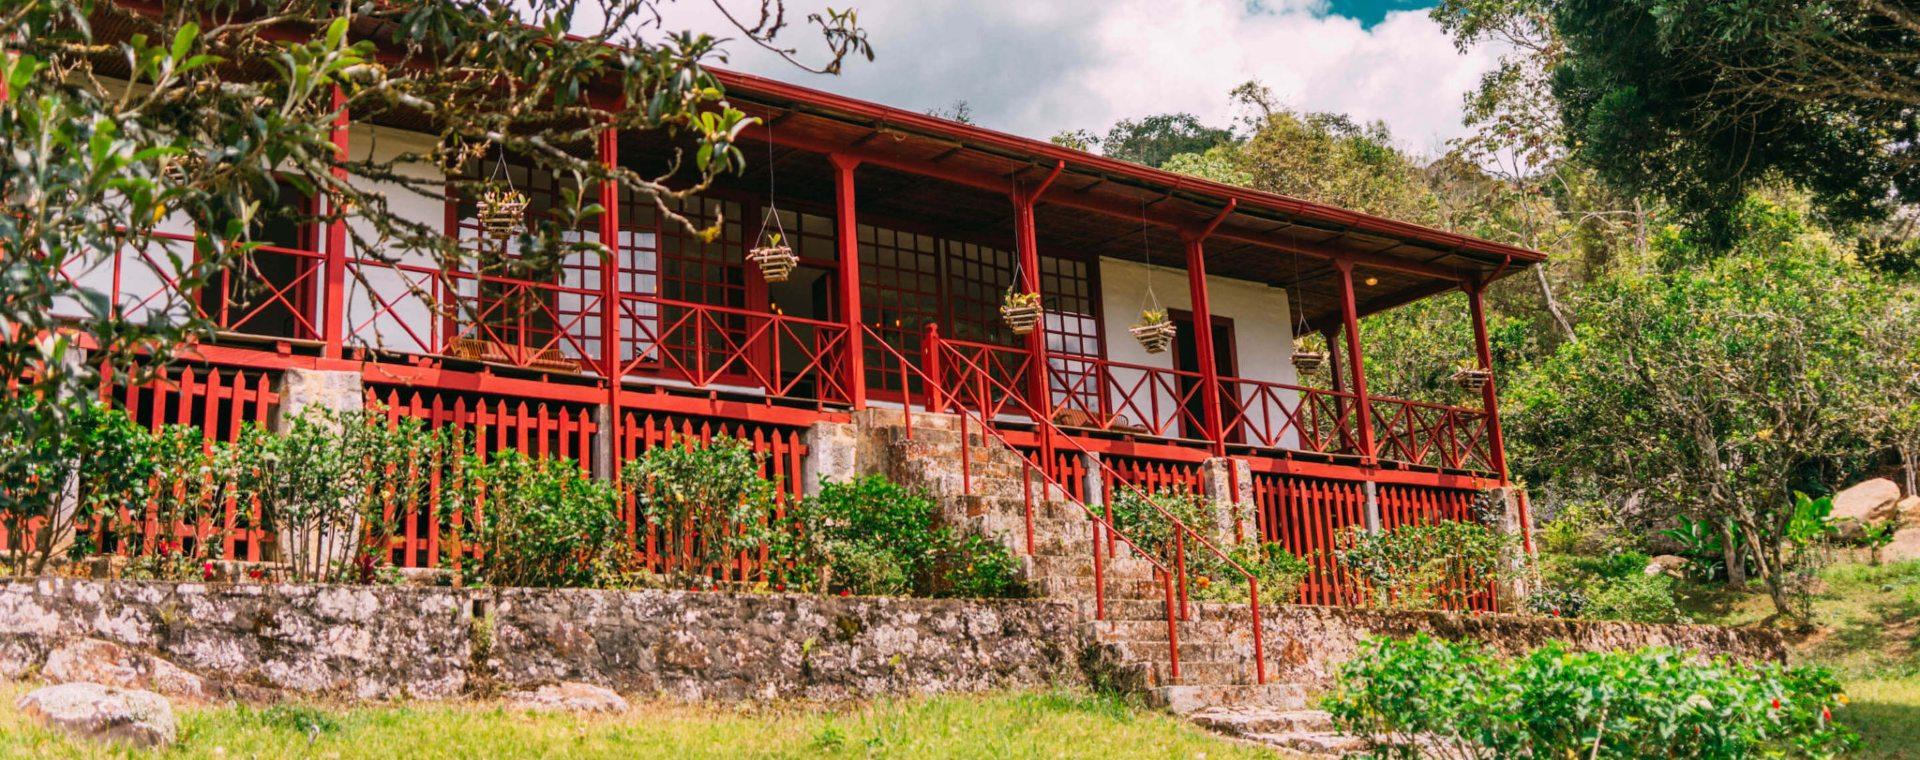 Cafetal de la Trinidad, Colombia   Plan South America